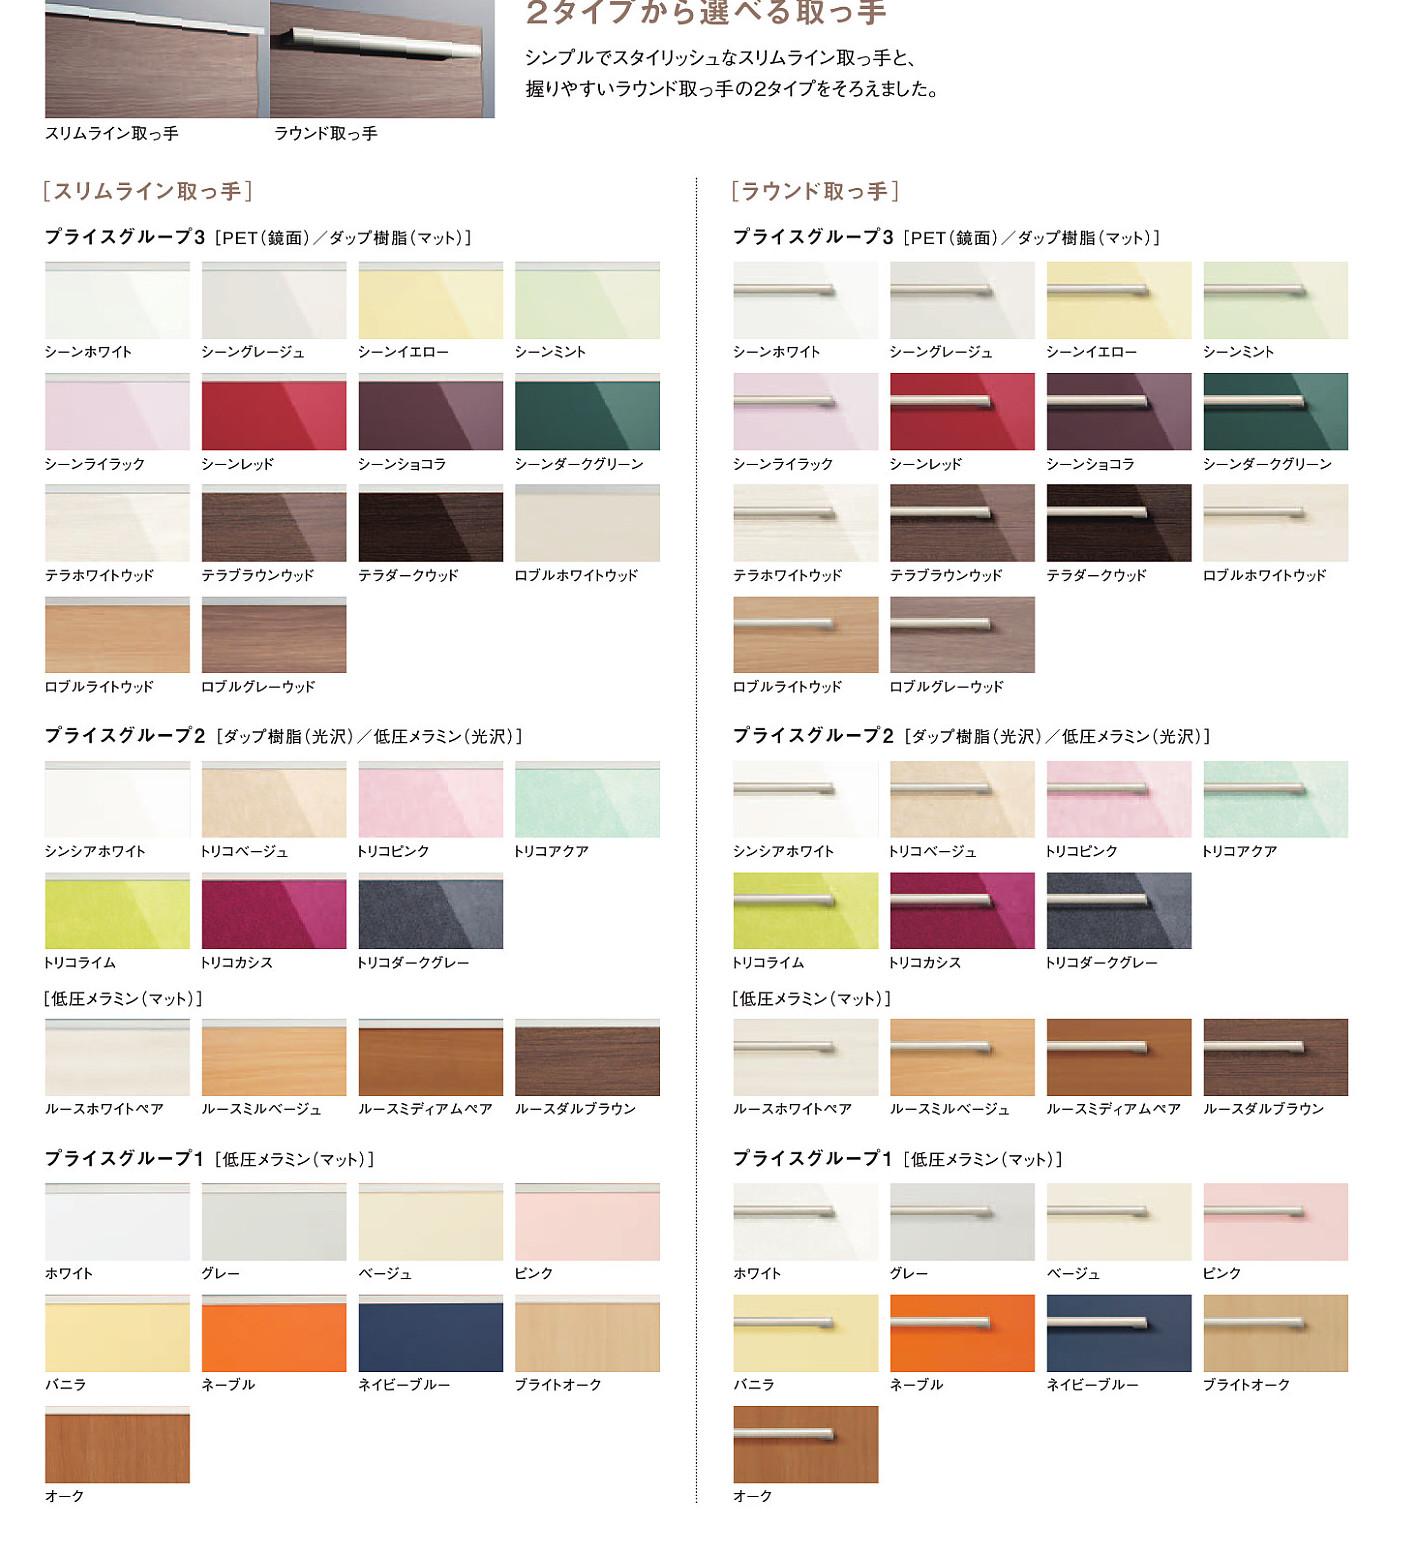 「使う人の個性が表現できる、多彩な扉カラーをご用意。」